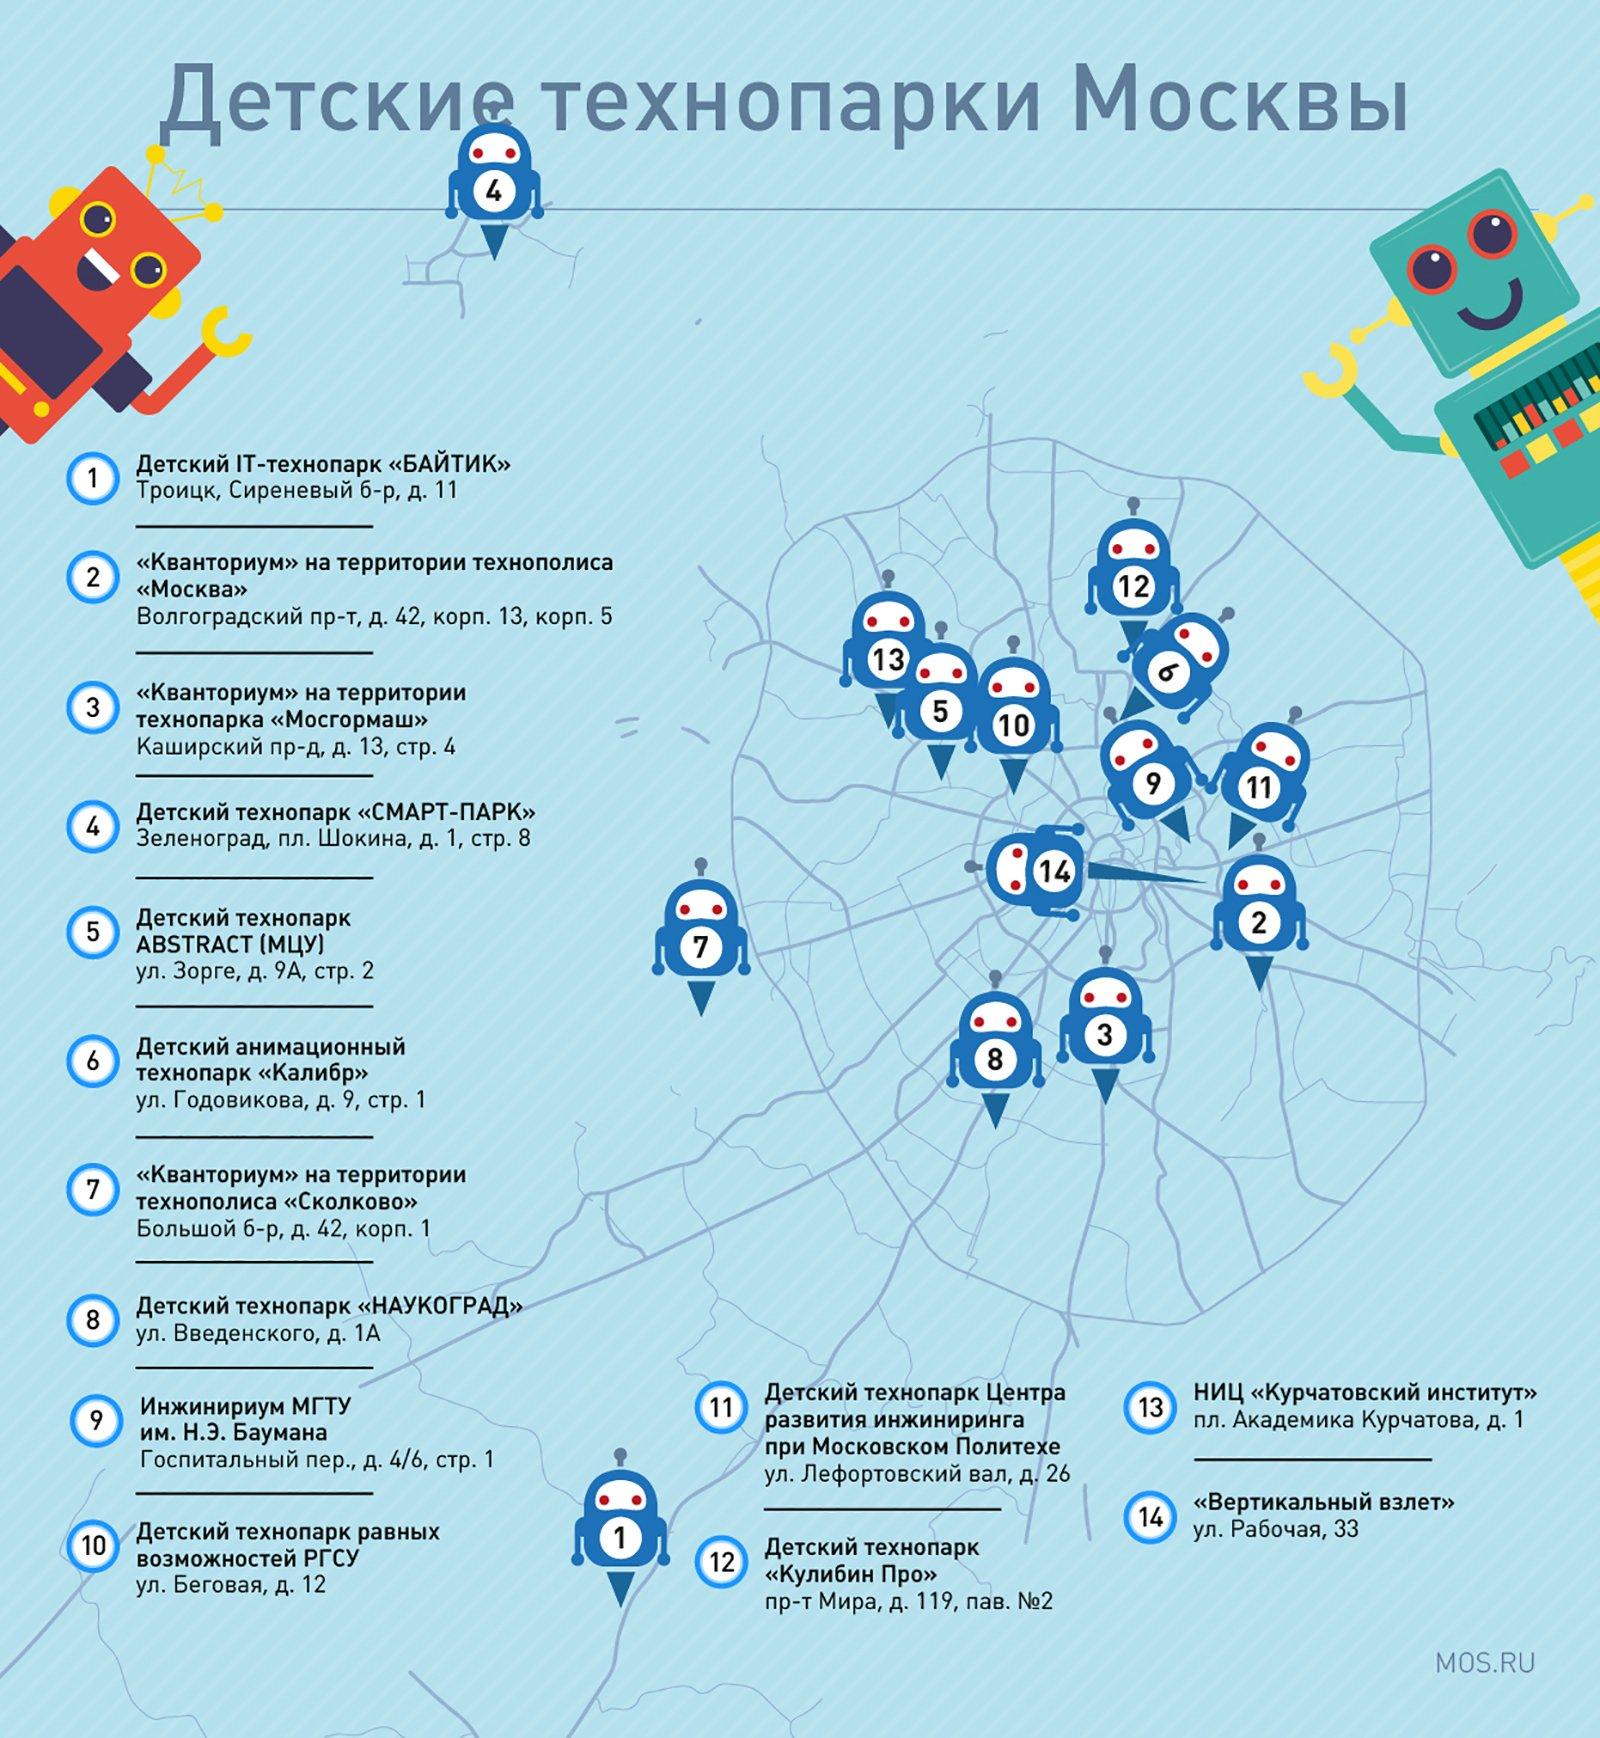 Форум «Открытые инновации» посетят более 15 тысяч человек